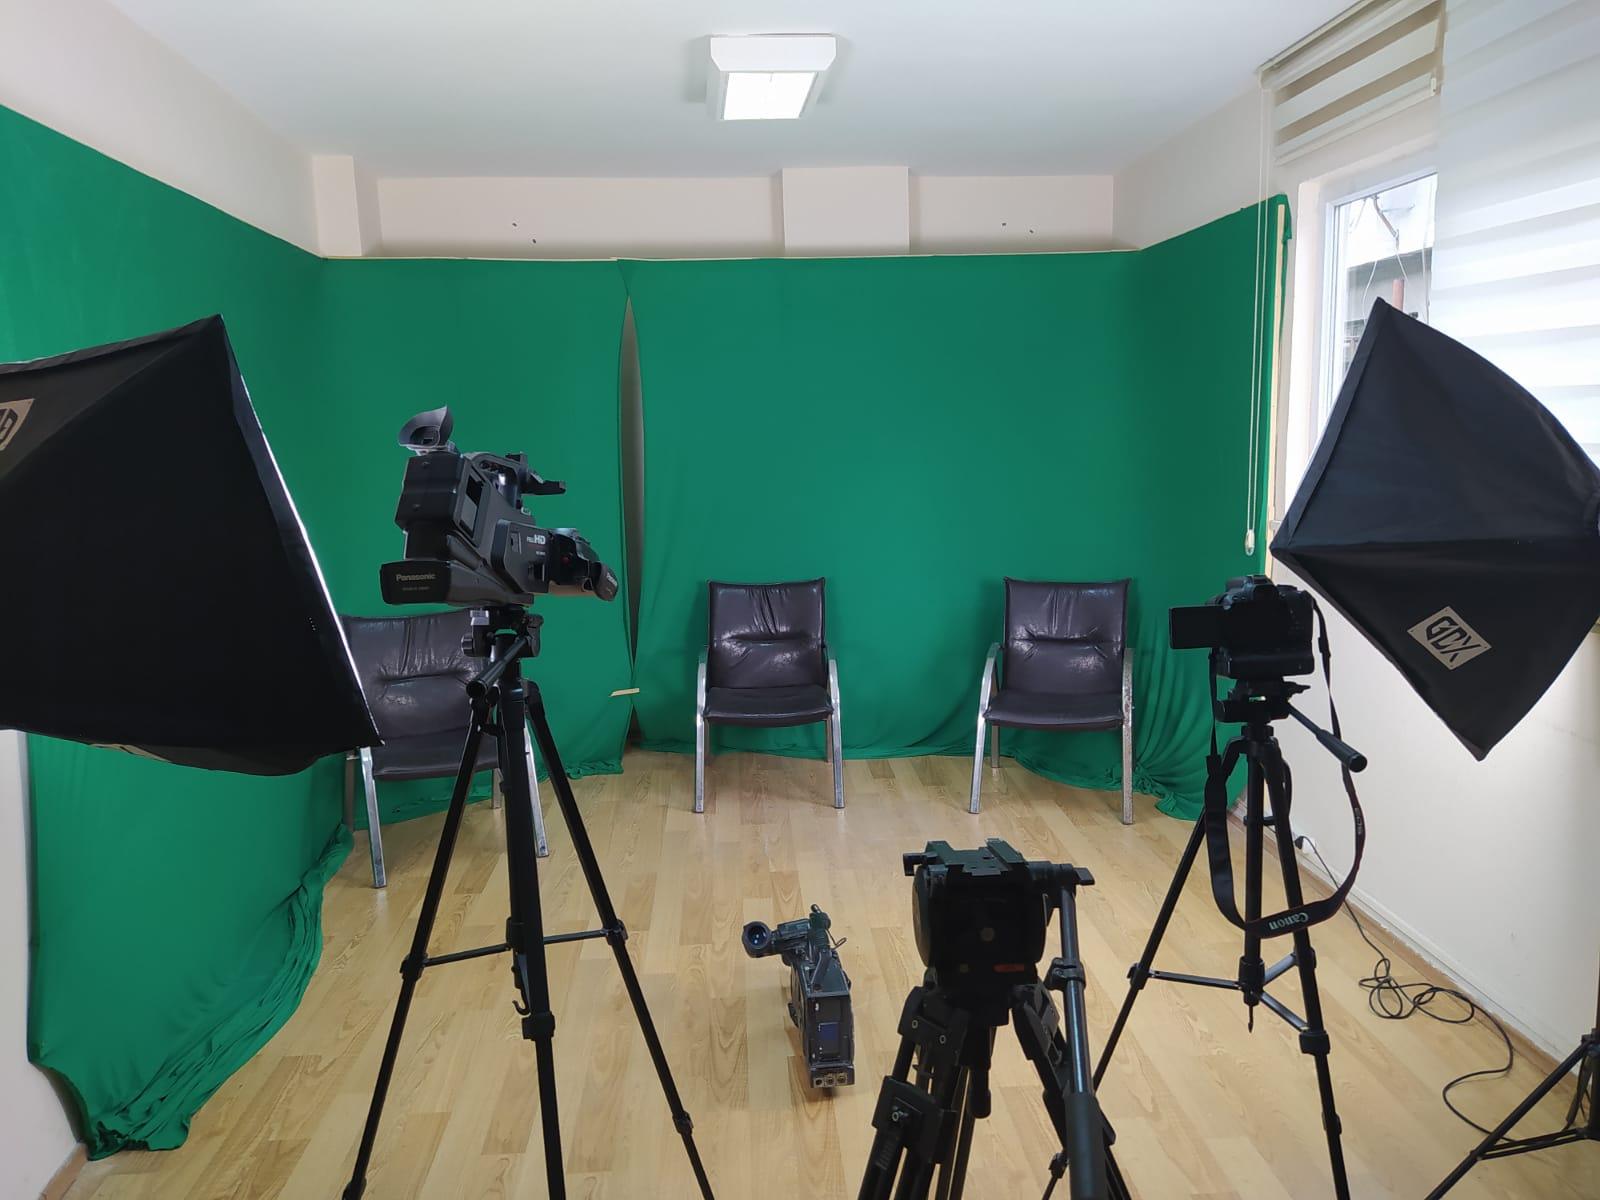 Güneşli Haber Gazetesi yeni Haber Merkezi ve Studyosuna kavuştu